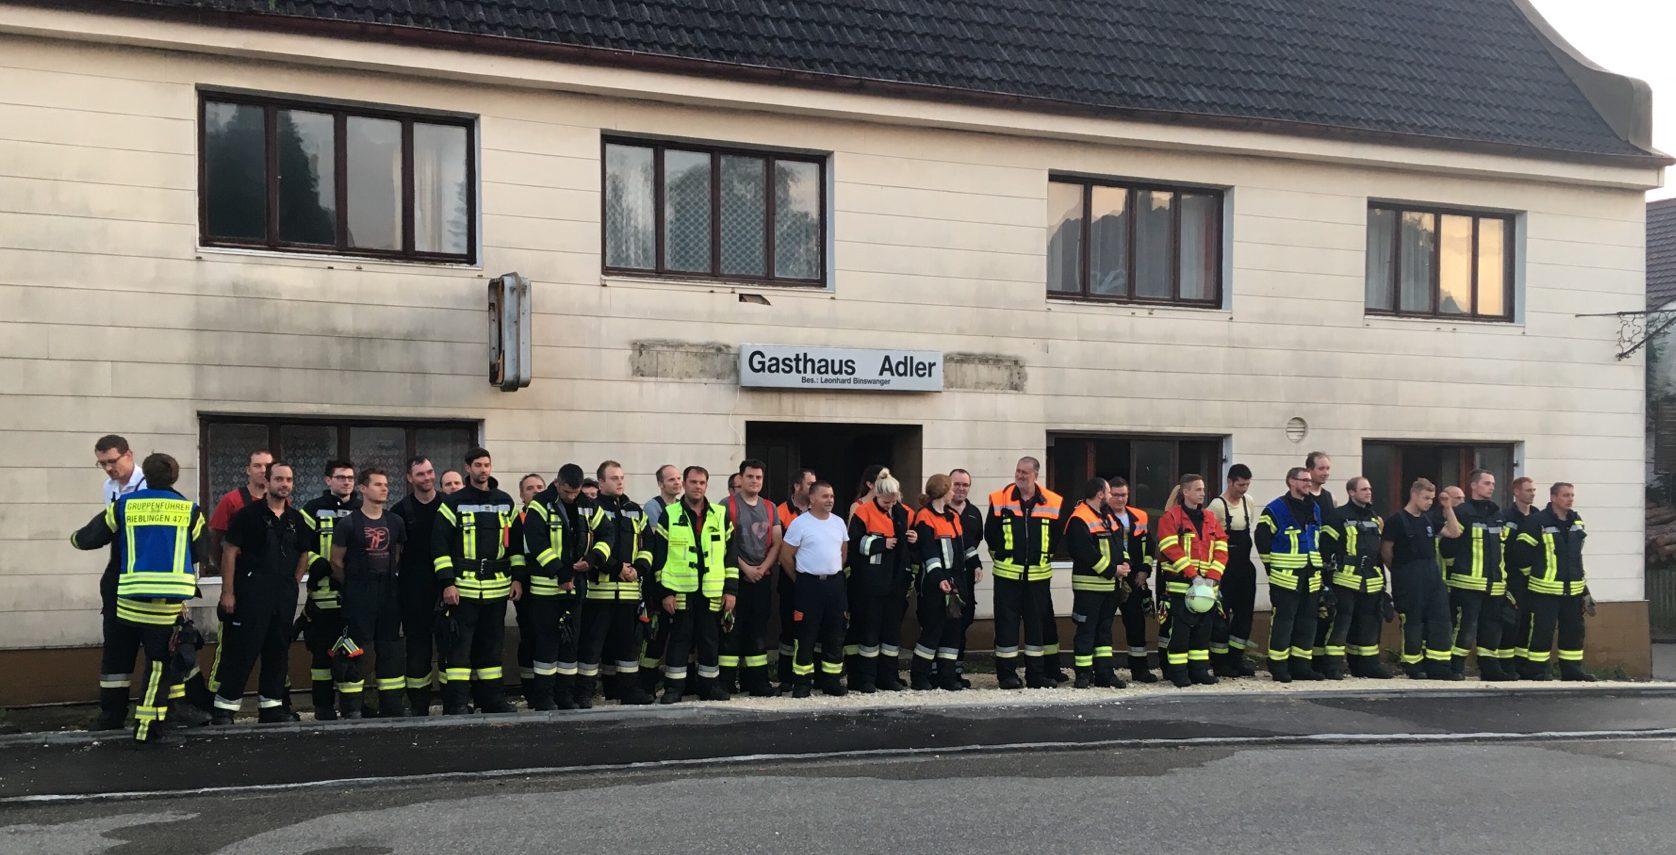 Gruppenbild: Nach der Einsatzübung stellen sich alle beteiligten Einsatzkräfte vor dem Übungsobjekt Gasthaus Adler auf.